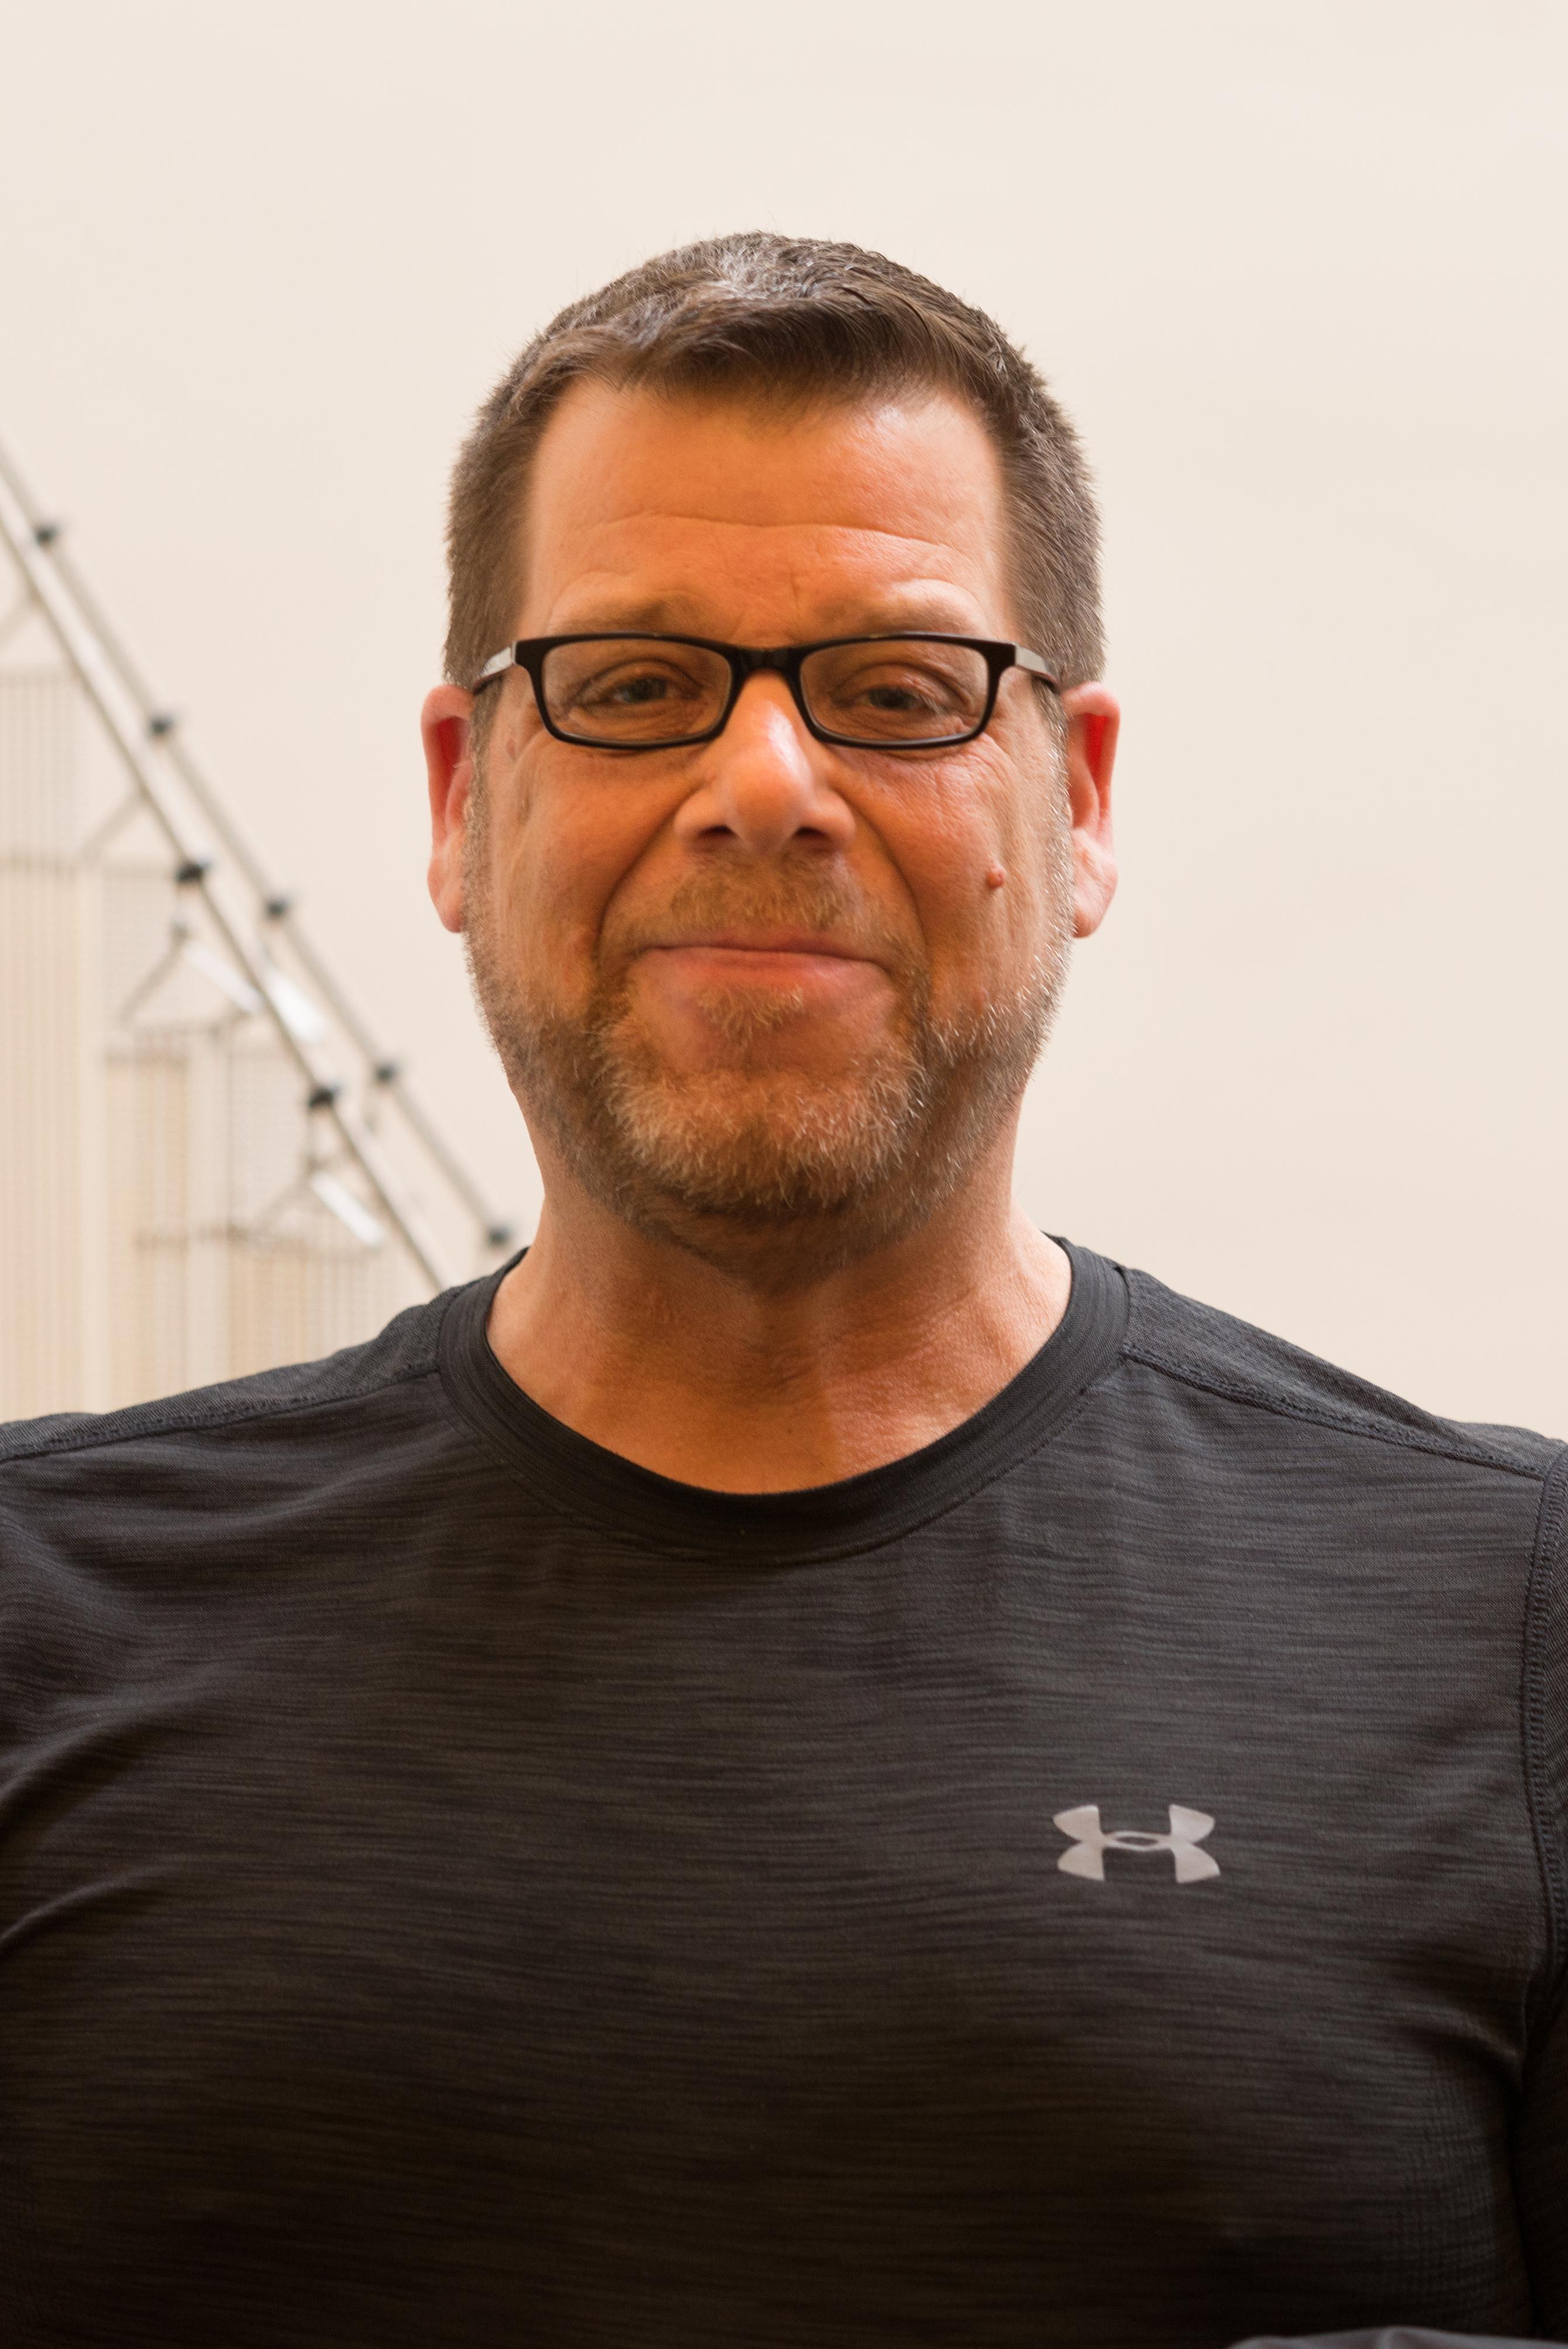 Eric Newsome